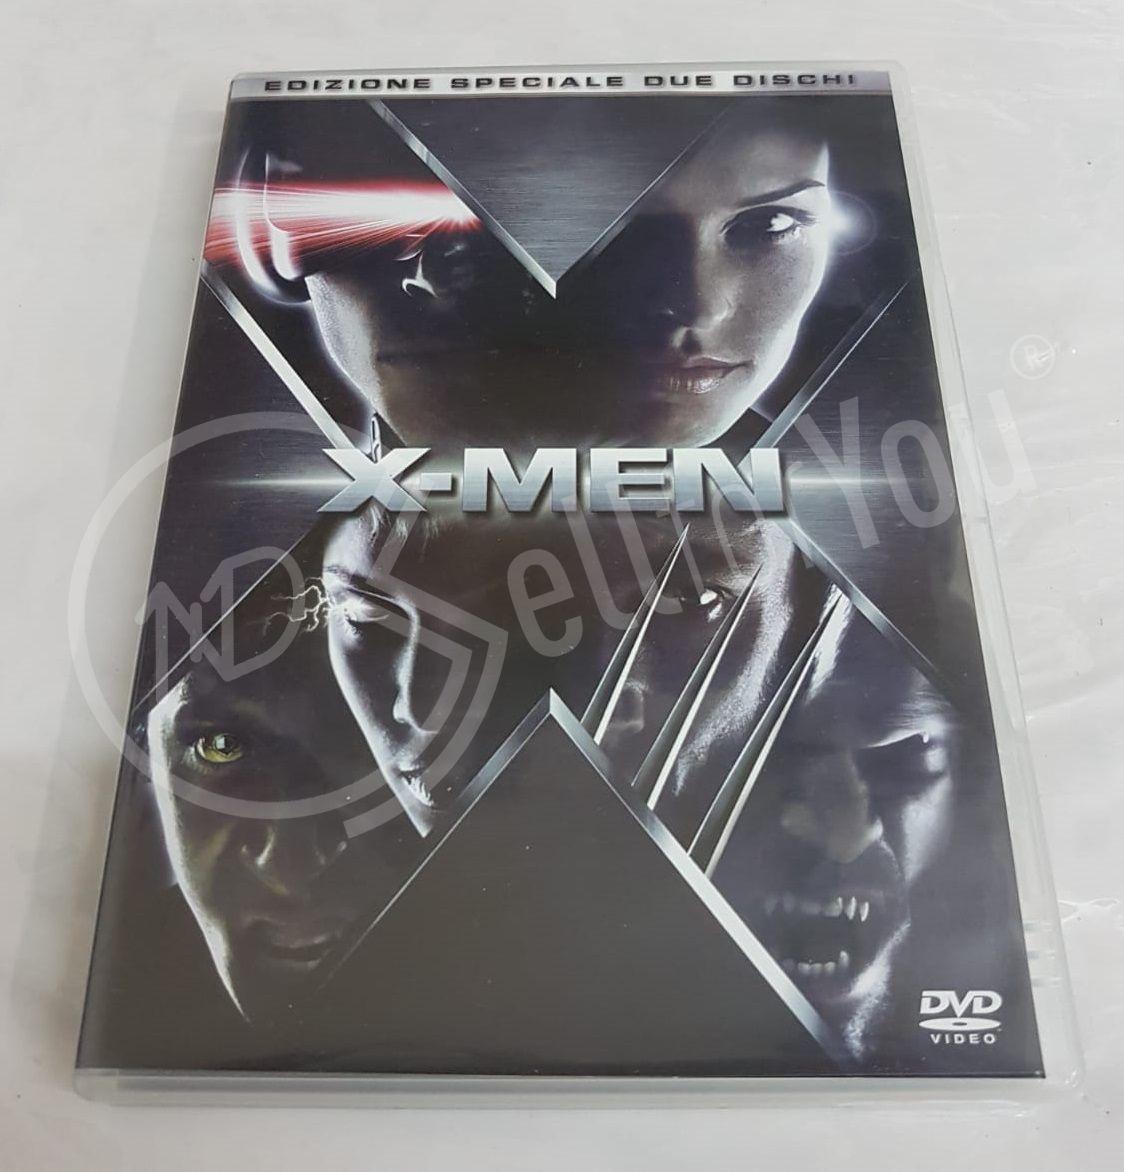 sellforyou immagine articolo Film DVD X-Men edizione speciale due dischi